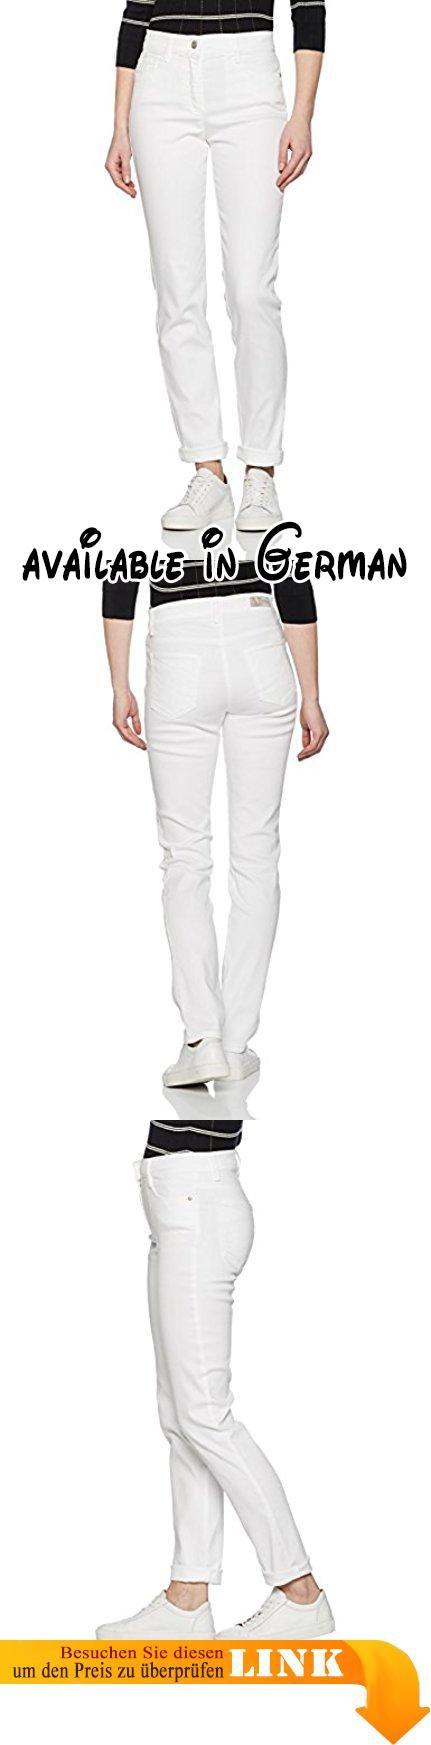 BRAX Damen Skinny Jeans Shakira, White (White 99), W29/L32 (Herstellergröße: 38). Free to move: Five-Pocket-Röhre in einem bequemen Superstretch-Denim. Bewegungsfreiheit wie noch nie: Dieser Super-Stretch-Denim ist hochelastisch und extrem soft. Mit solchen hervorragenden Trageeigenschaften bietet diese Damenhose ein Maximum an Komfort. Nebenbei lässt die Hose Sie noch eine Größe schlanker aussehen. #Apparel #PANTS